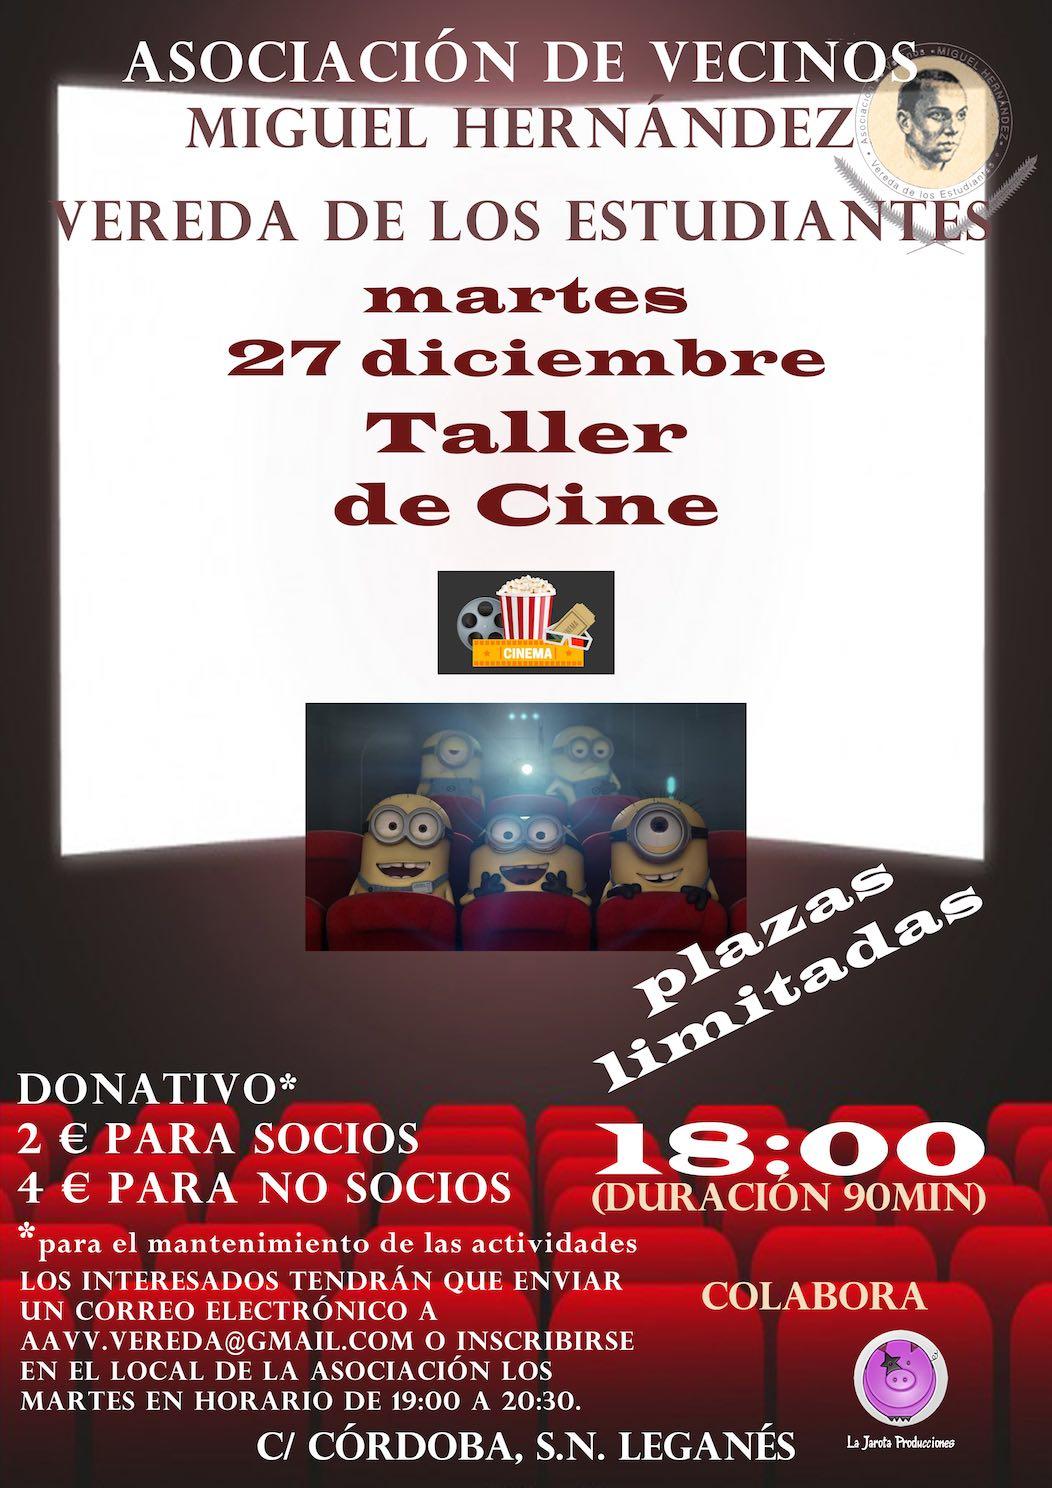 Taller de Cine en Vereda de los Estudiantes